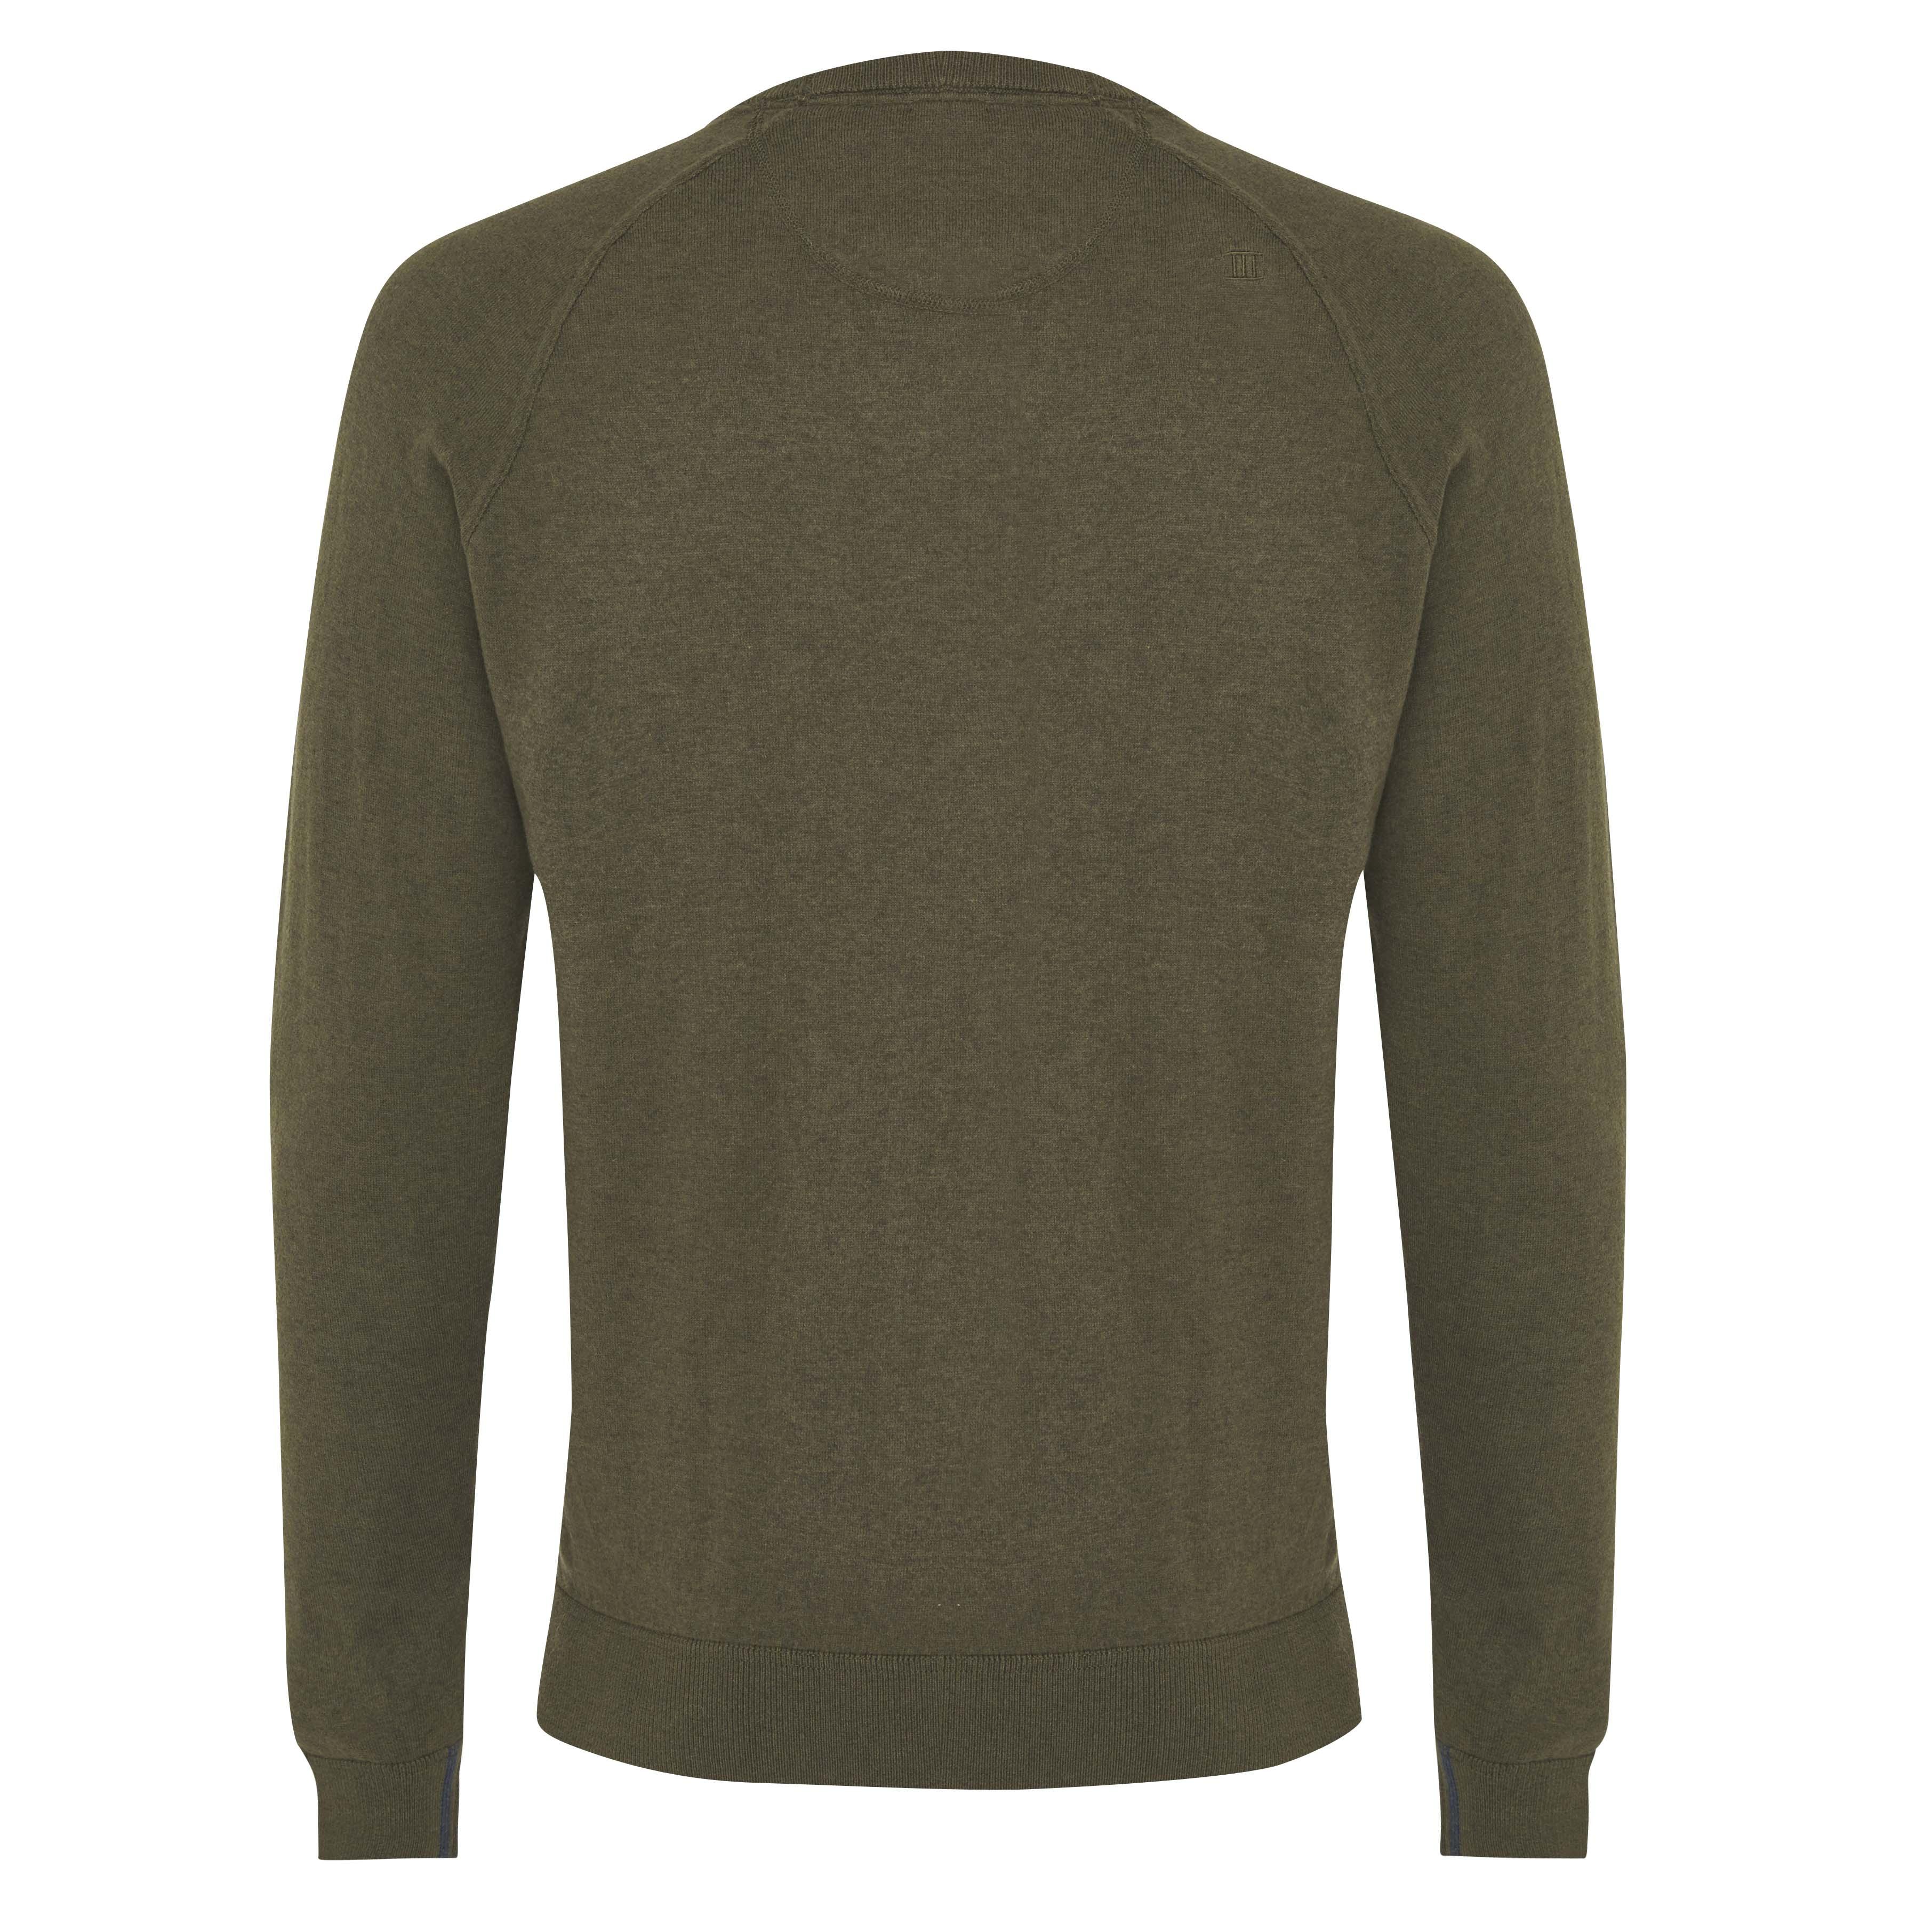 James | Pullover raglan dark green